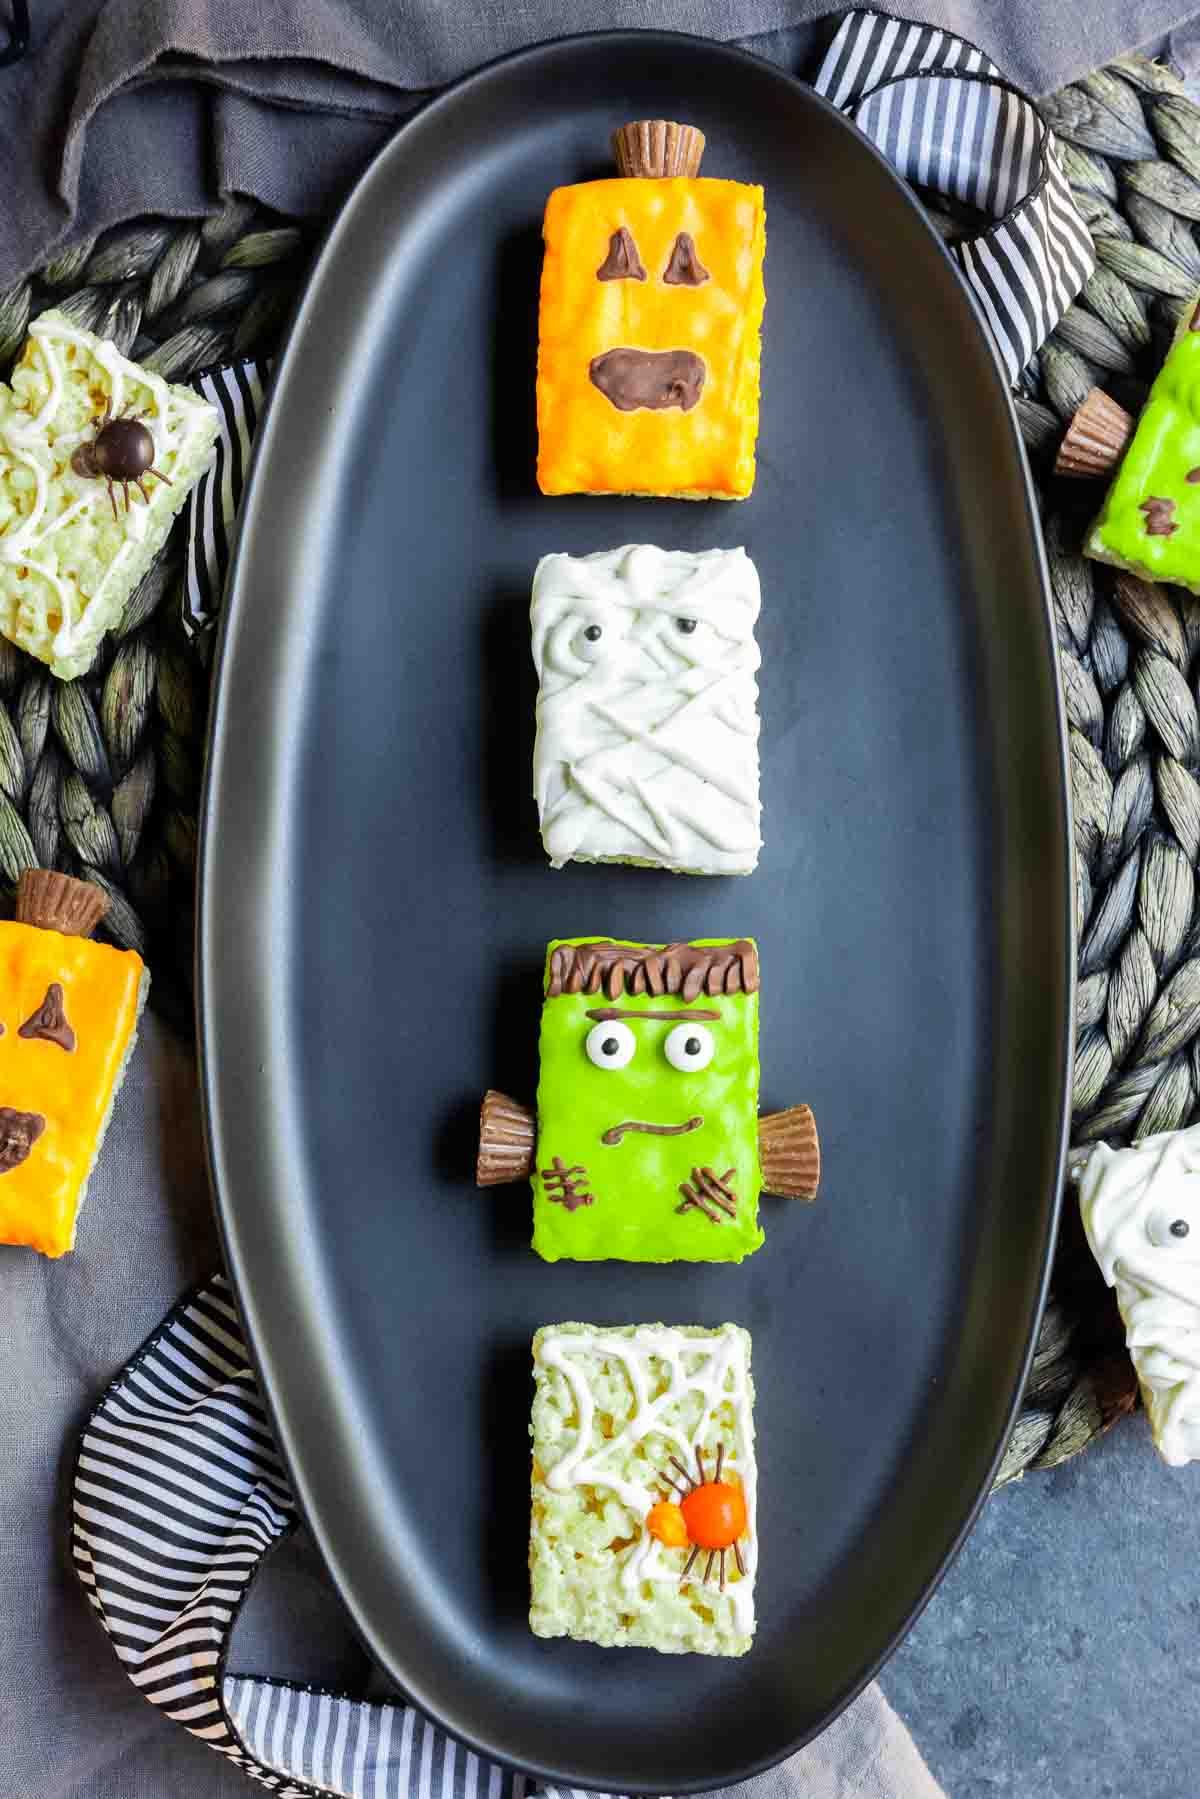 4 Halloween Rice Krispies Treats styles, pumpkin, mummy, Frankenstein, and spider, on a black plate